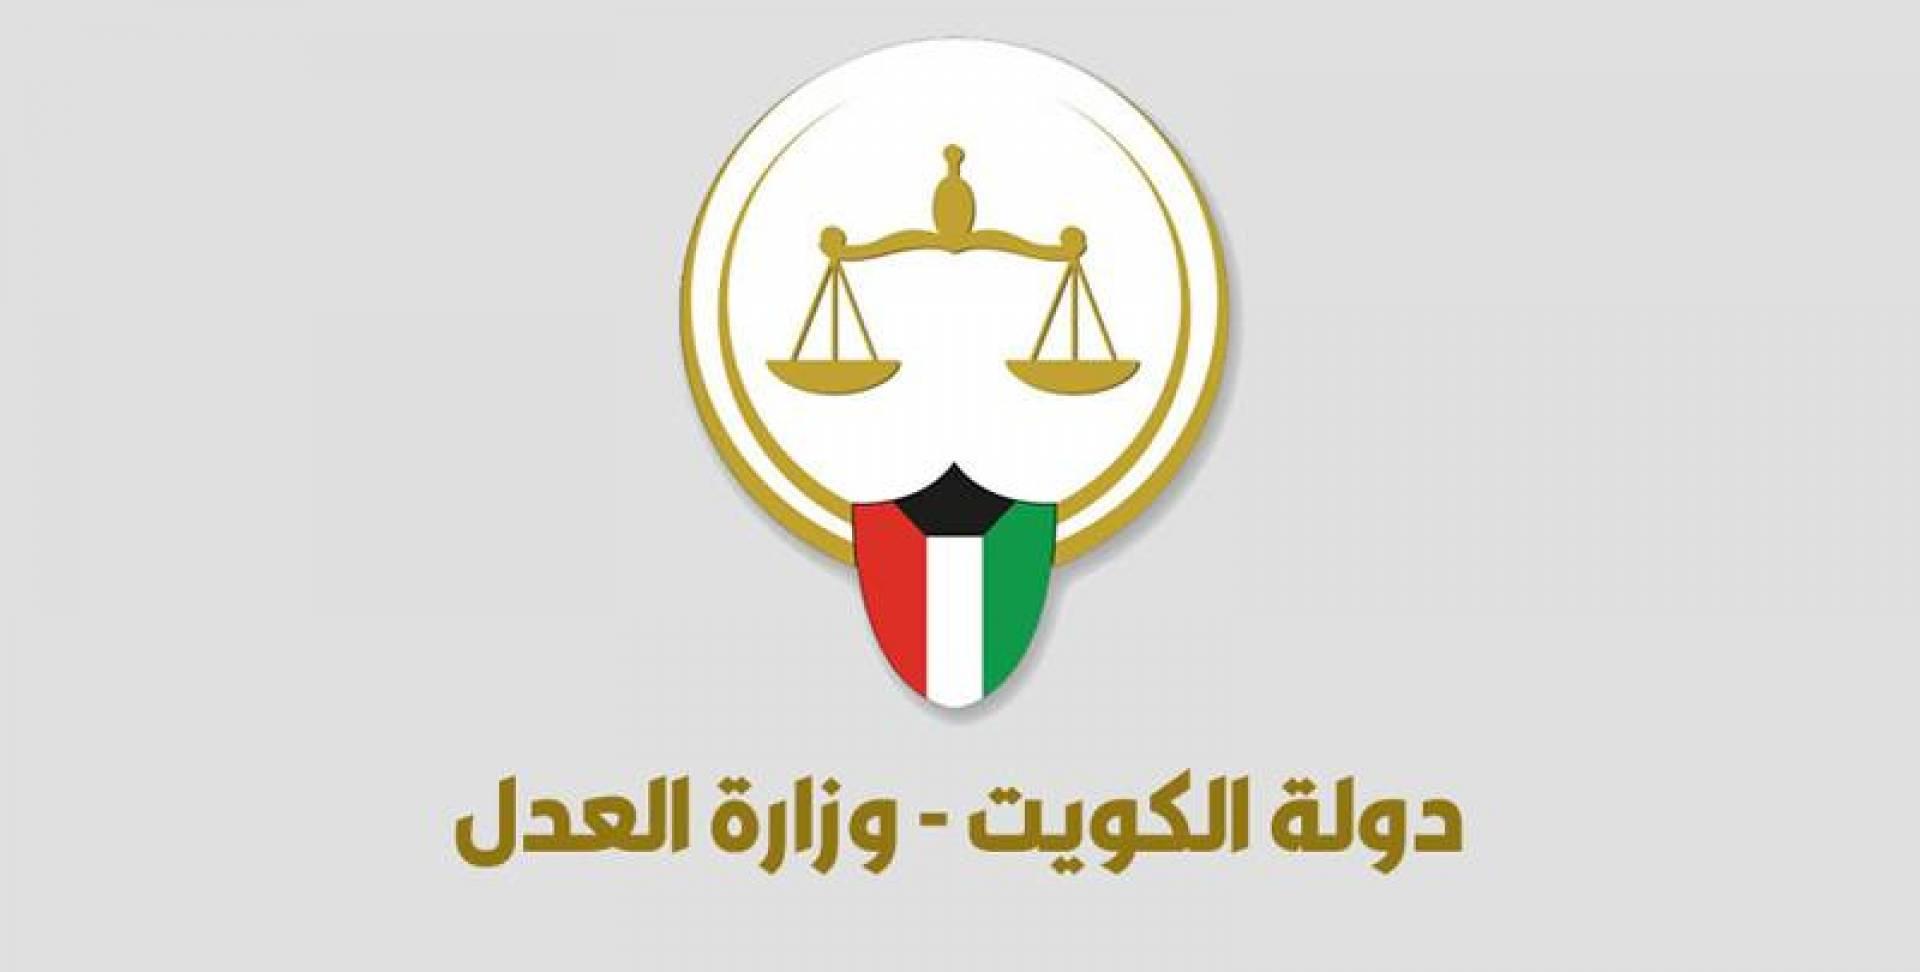 «العدل»: مليون دينار غرامات منسية عن قضايا